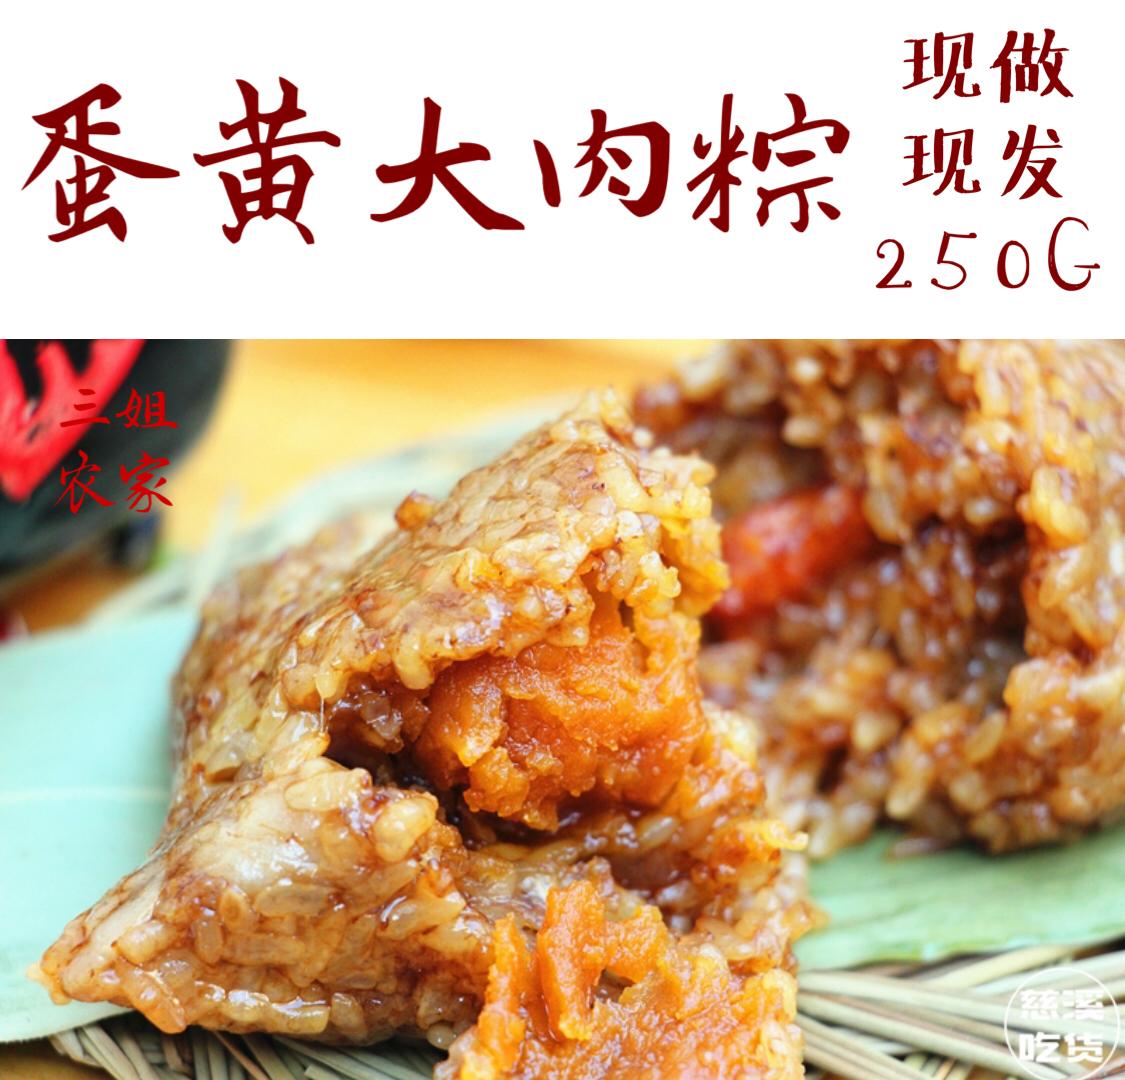 Salted egg yolk meat zongzi big Jiaxing special flavor zongzi 250g bulk brown rice dumpling